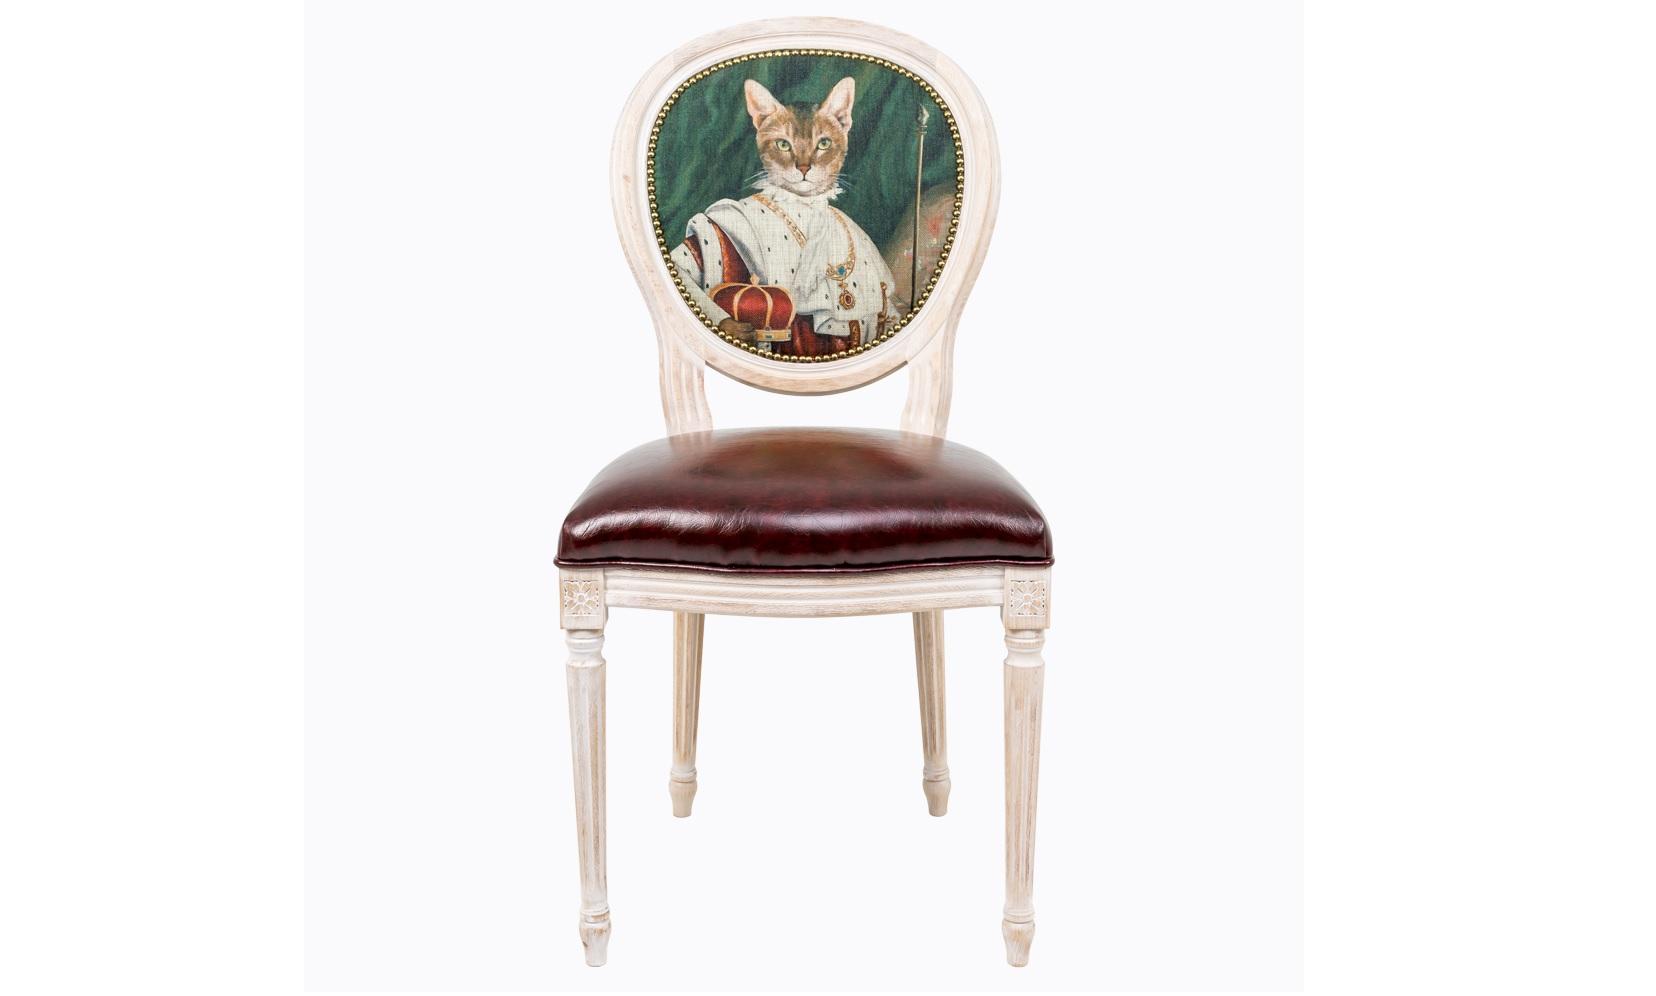 Стул Музейный экспонат, версия 6Обеденные стулья<br>Прототипом анималистичной фантазии стала картина Франсуа Жерара, - портрет Наполеона Бонопарта Первого, - прославленного императора и полководца, заложившего в XVI веке основы французского государства. Стулья серии &amp;quot;Музейный экспонат&amp;quot; имитируют дворцовую эпоху Луи-Филиппа, предпочитающую благородные лаконичные формы, раскрашенные золотистыми анкерами и филигранной резьбой. Натуральное дерево и ручная работа одухотворяют предметы мебели, вносят эмоции тепла и персональной заботы.<br>Стулья изготовлены из ядра натурального бука. Корпусы стульев серии &amp;quot;Музейный экспонат&amp;quot; выточены, брашированы и патинированы в Италии. Благородная фактура натурального дерева подчеркнута рукописной патиной. Обивка спинки оснащена тефлоновым покрытием против пятен.&amp;lt;div&amp;gt;&amp;lt;br&amp;gt;&amp;lt;/div&amp;gt;&amp;lt;div&amp;gt;Материал сидения - экокожа.&amp;lt;/div&amp;gt;<br><br>Material: Дерево<br>Ширина см: 50<br>Высота см: 98<br>Глубина см: 47